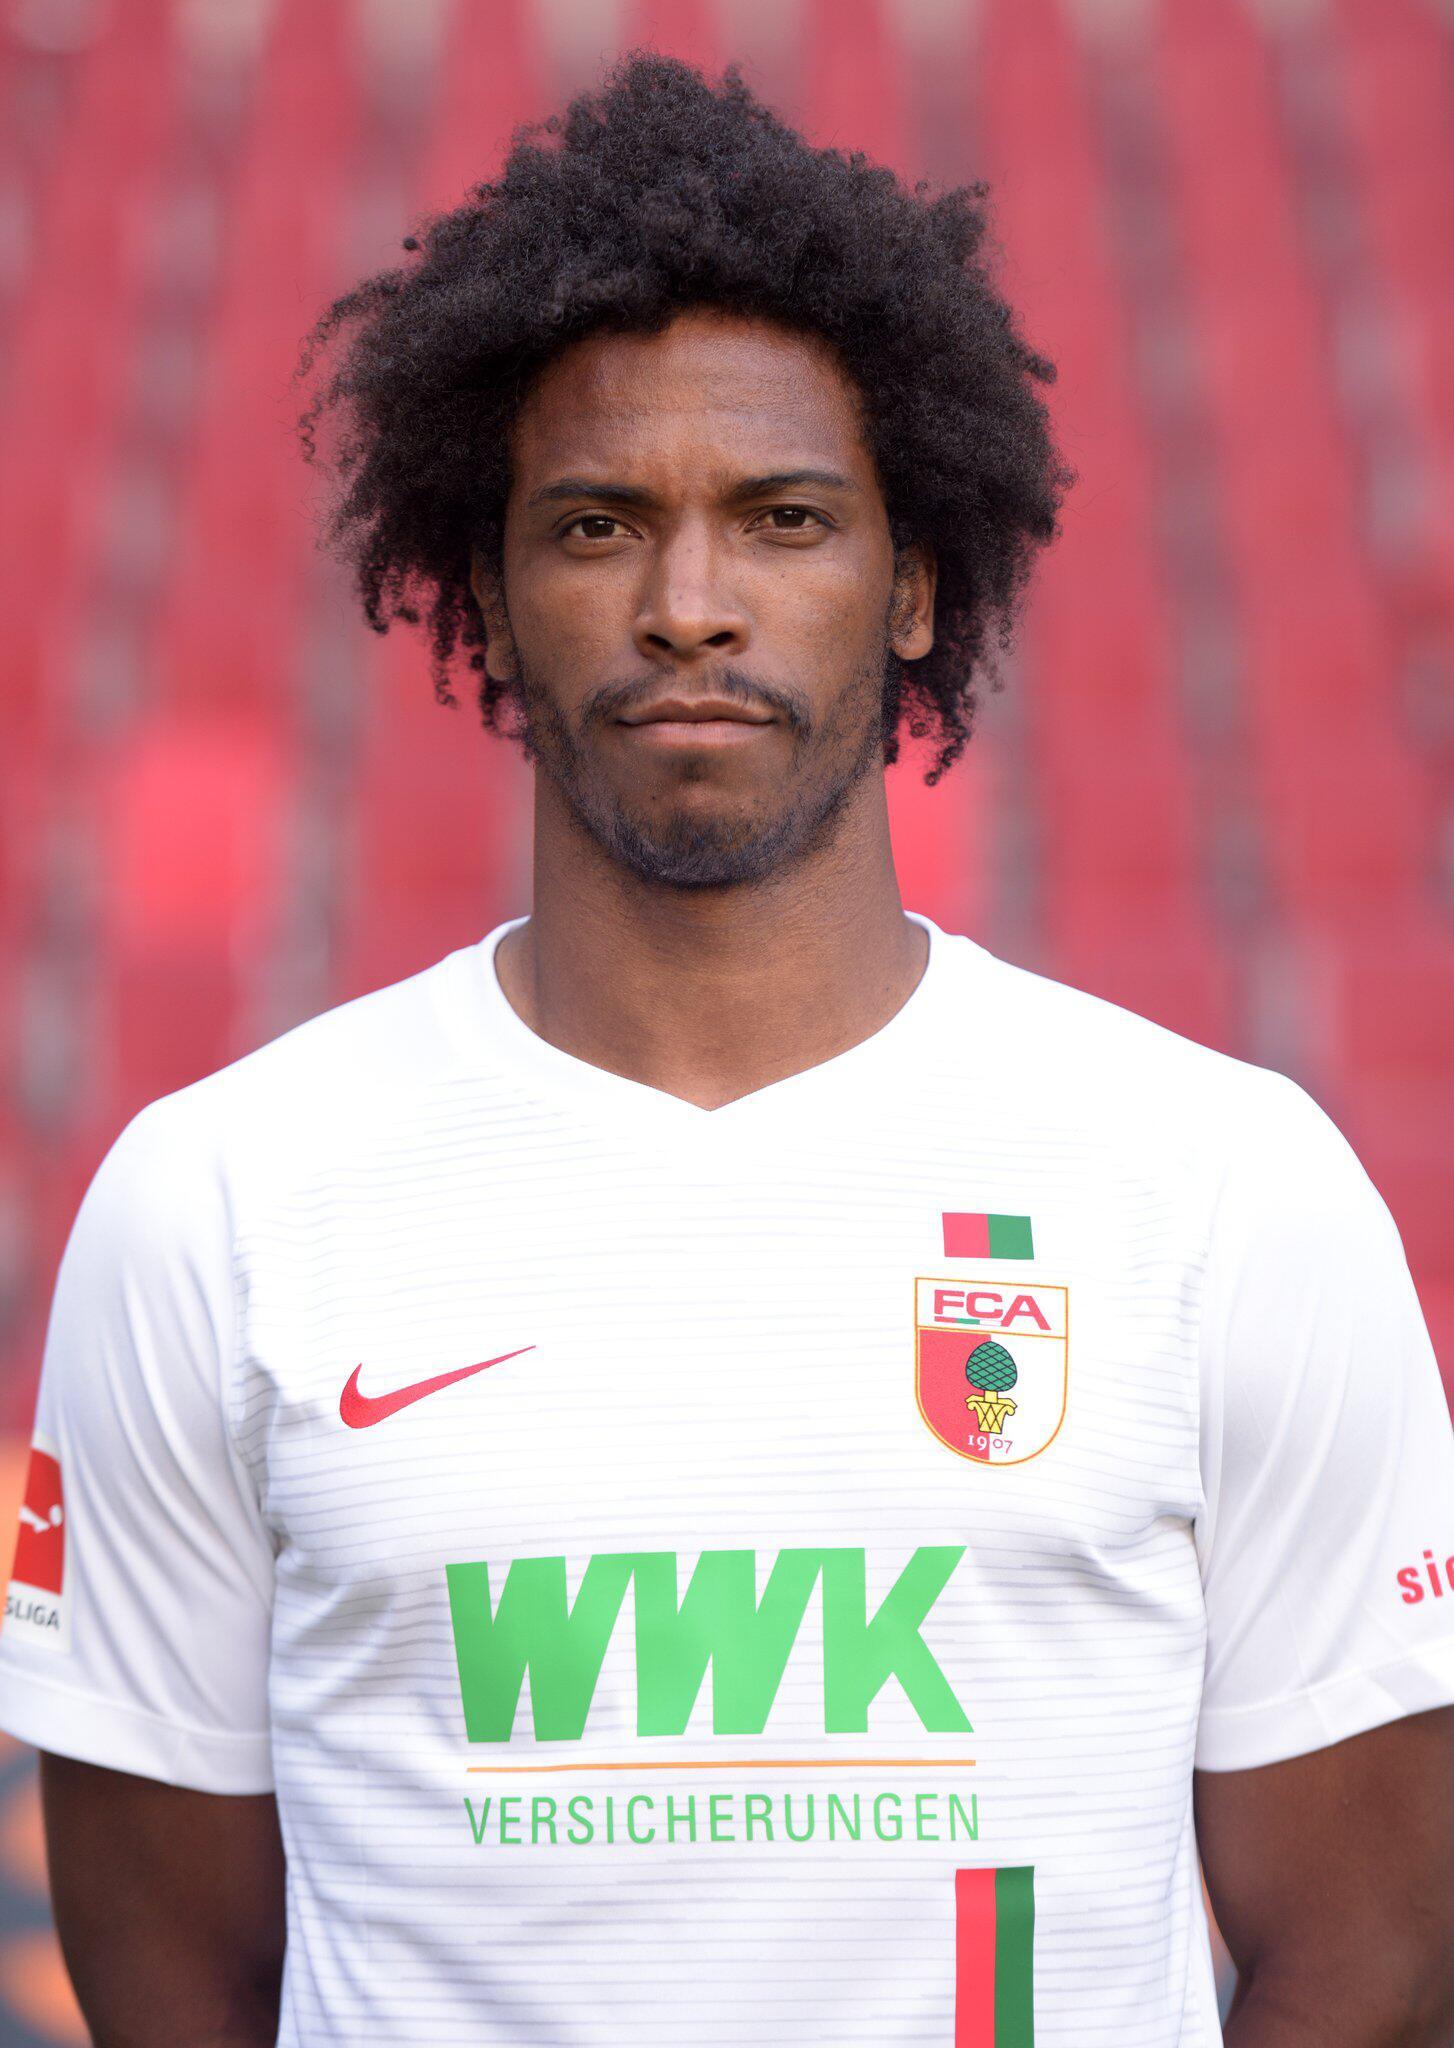 Bild zu FC Augsburg-Profi Caiuby wegen Schwarzfahrens verurteilt